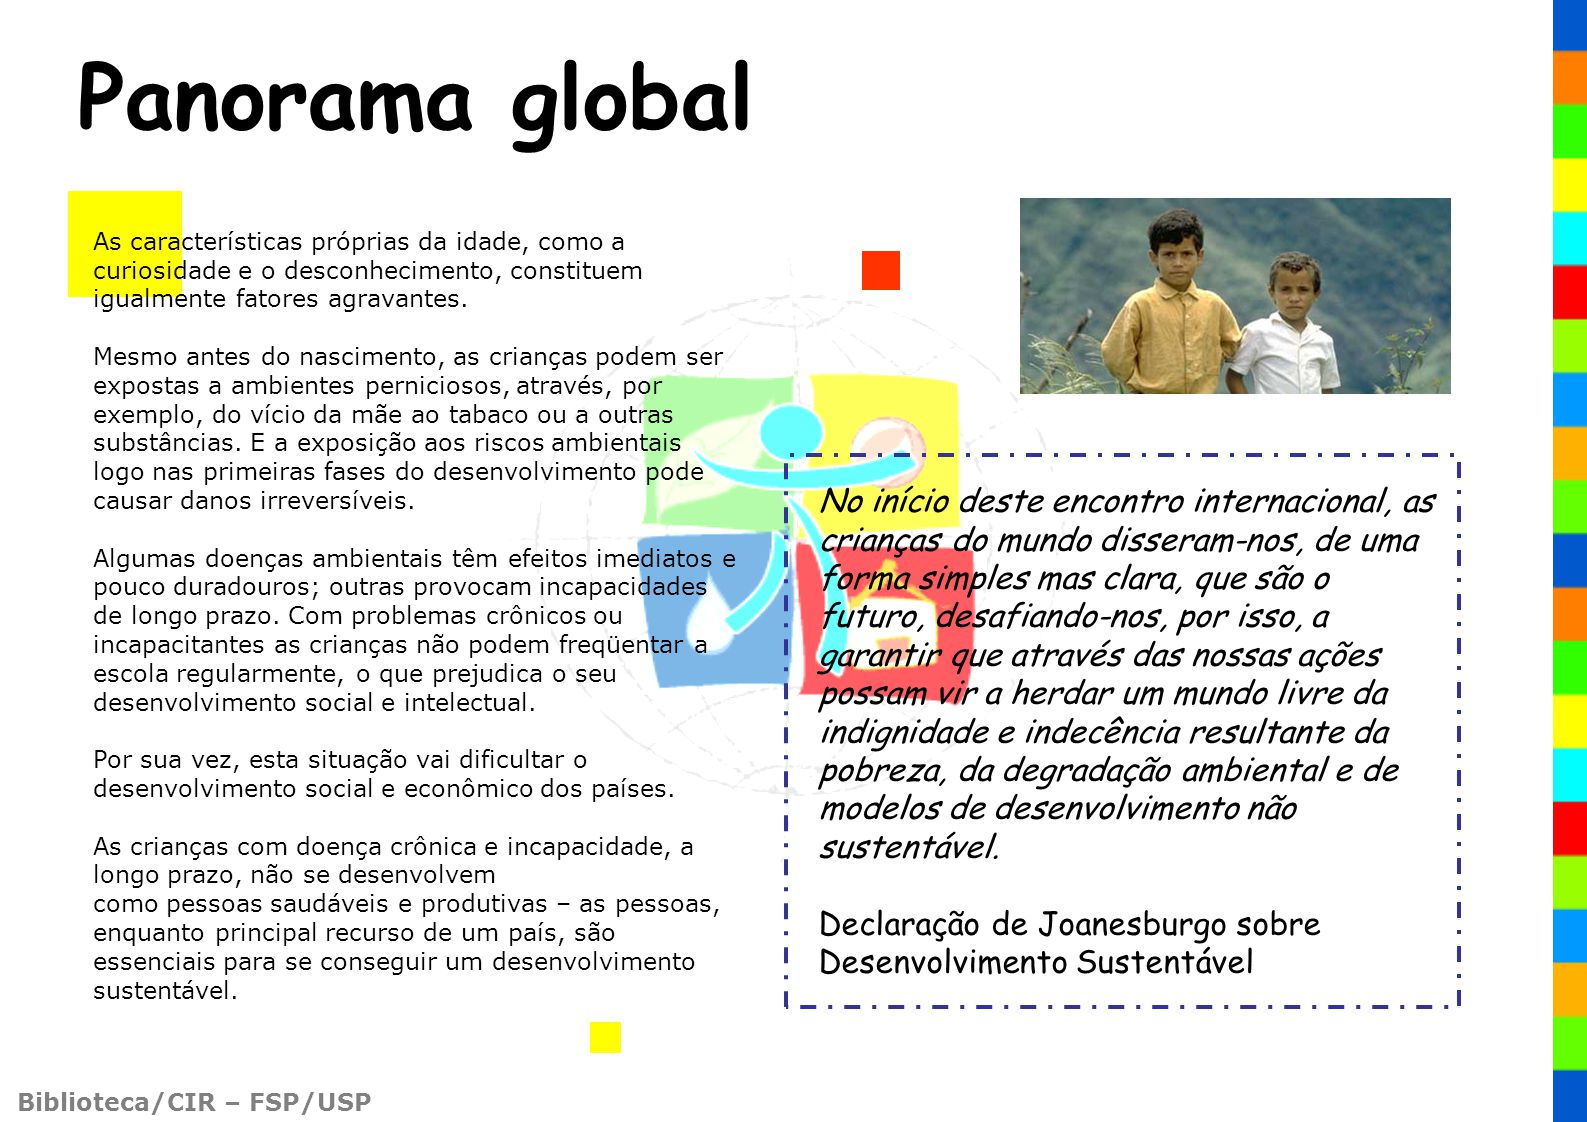 Biblioteca/CIR – FSP/USP No início deste encontro internacional, as crianças do mundo disseram-nos, de uma forma simples mas clara, que são o futuro,